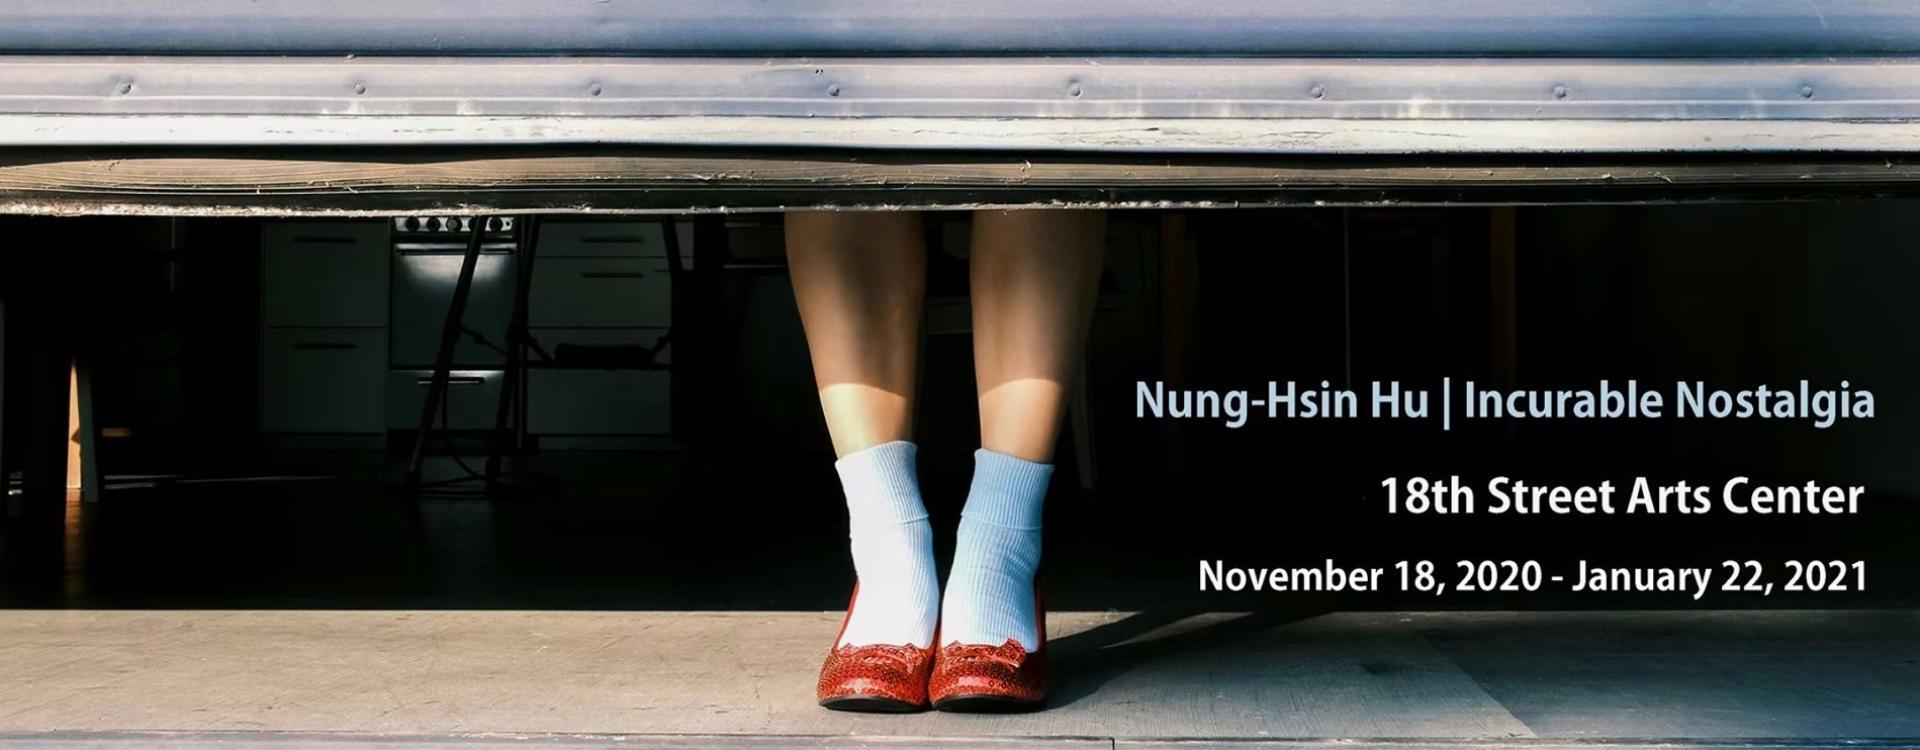 台灣藝術家胡農欣個展「不癒之境」於18街藝術中心展出「另開新視窗」